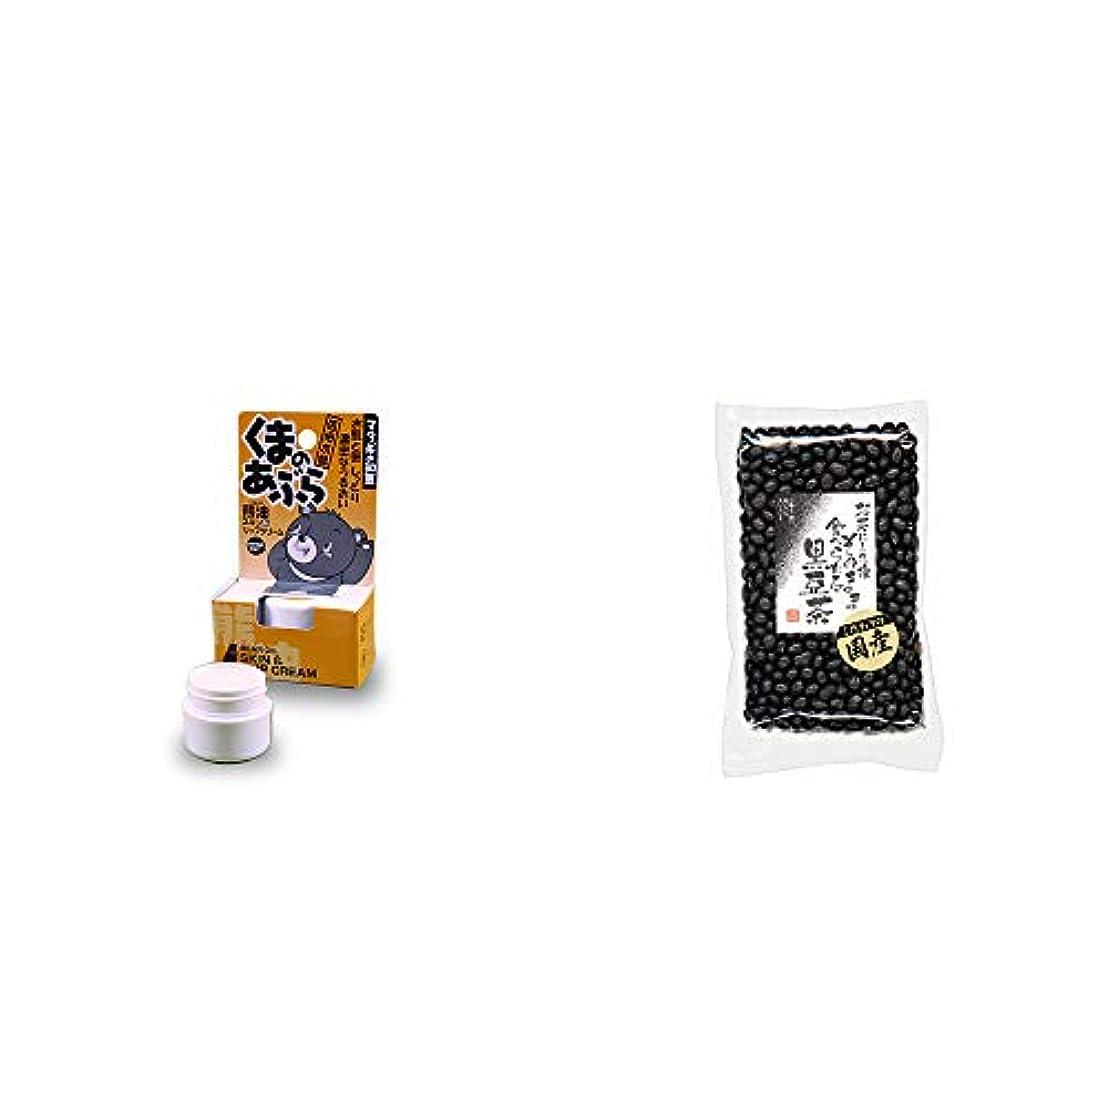 触手省略する節約する[2点セット] 信州木曽 くまのあぶら 熊油スキン&リップクリーム(9g)?国産 黒豆茶(200g)